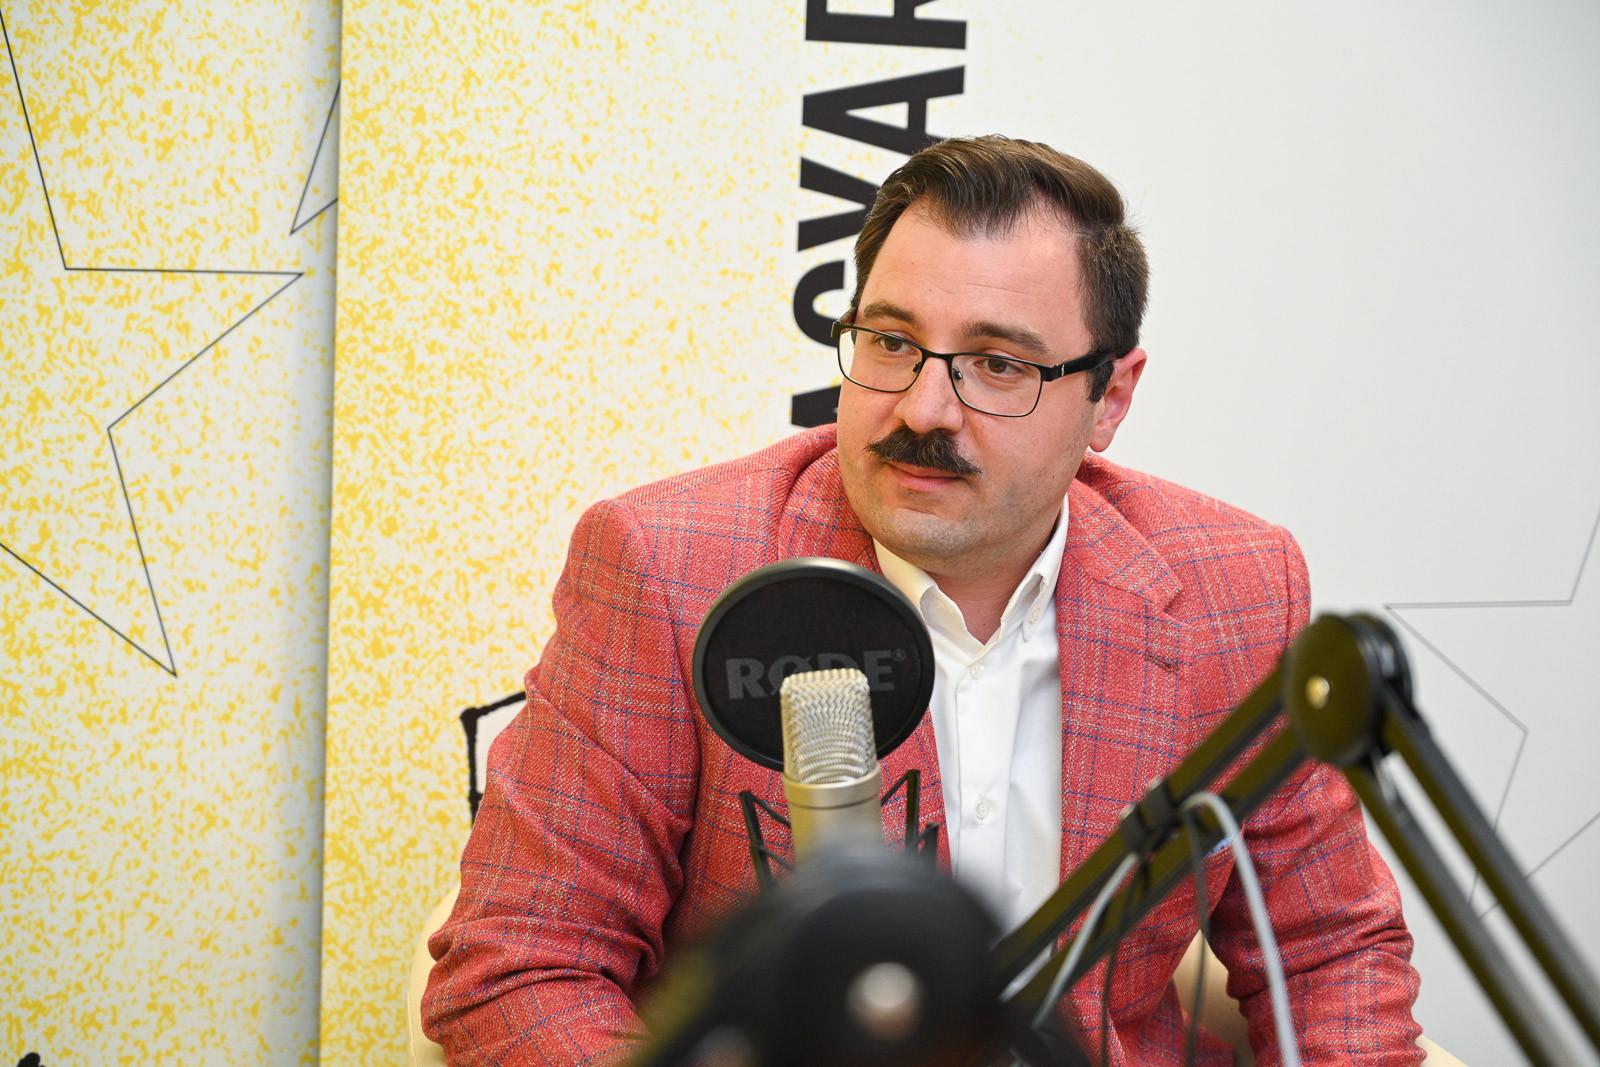 Szánthó Miklós, az Alapjogokért Központ igazgatója a Faktumban